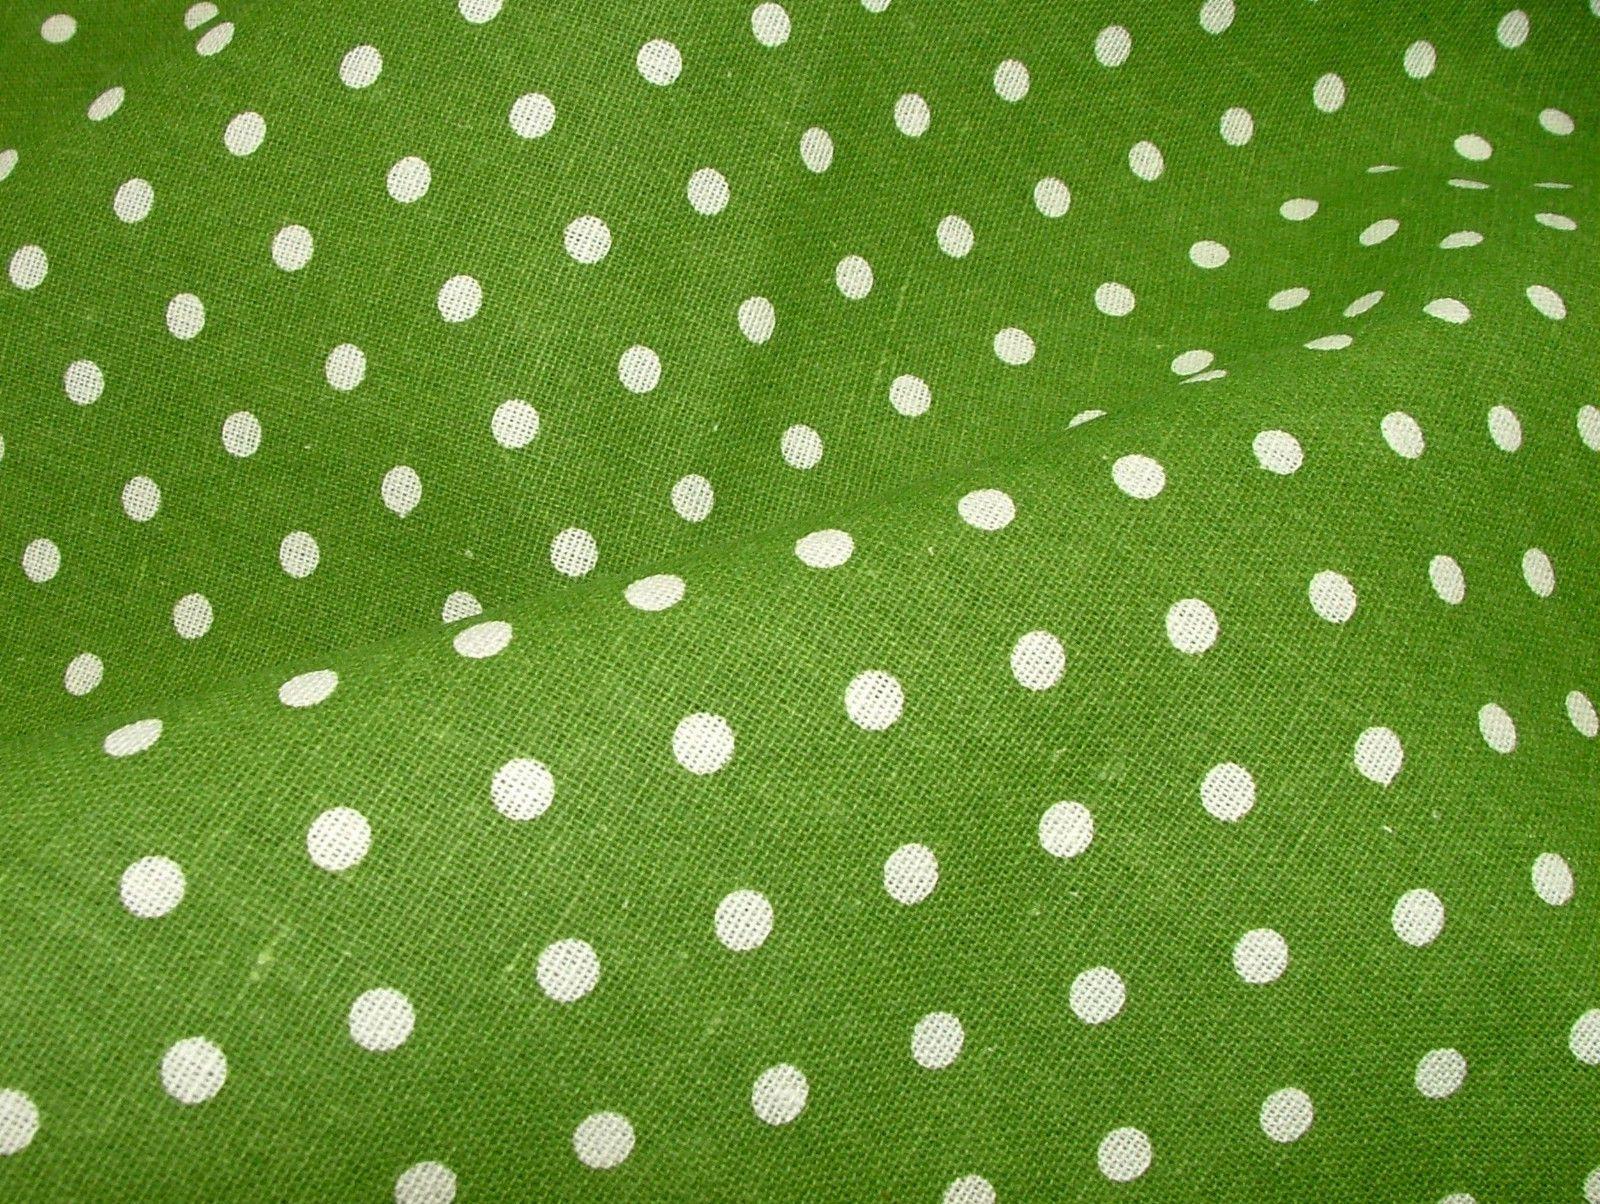 Green Polka Dot Cotton Linen Curtain Soft Furnishing Craft